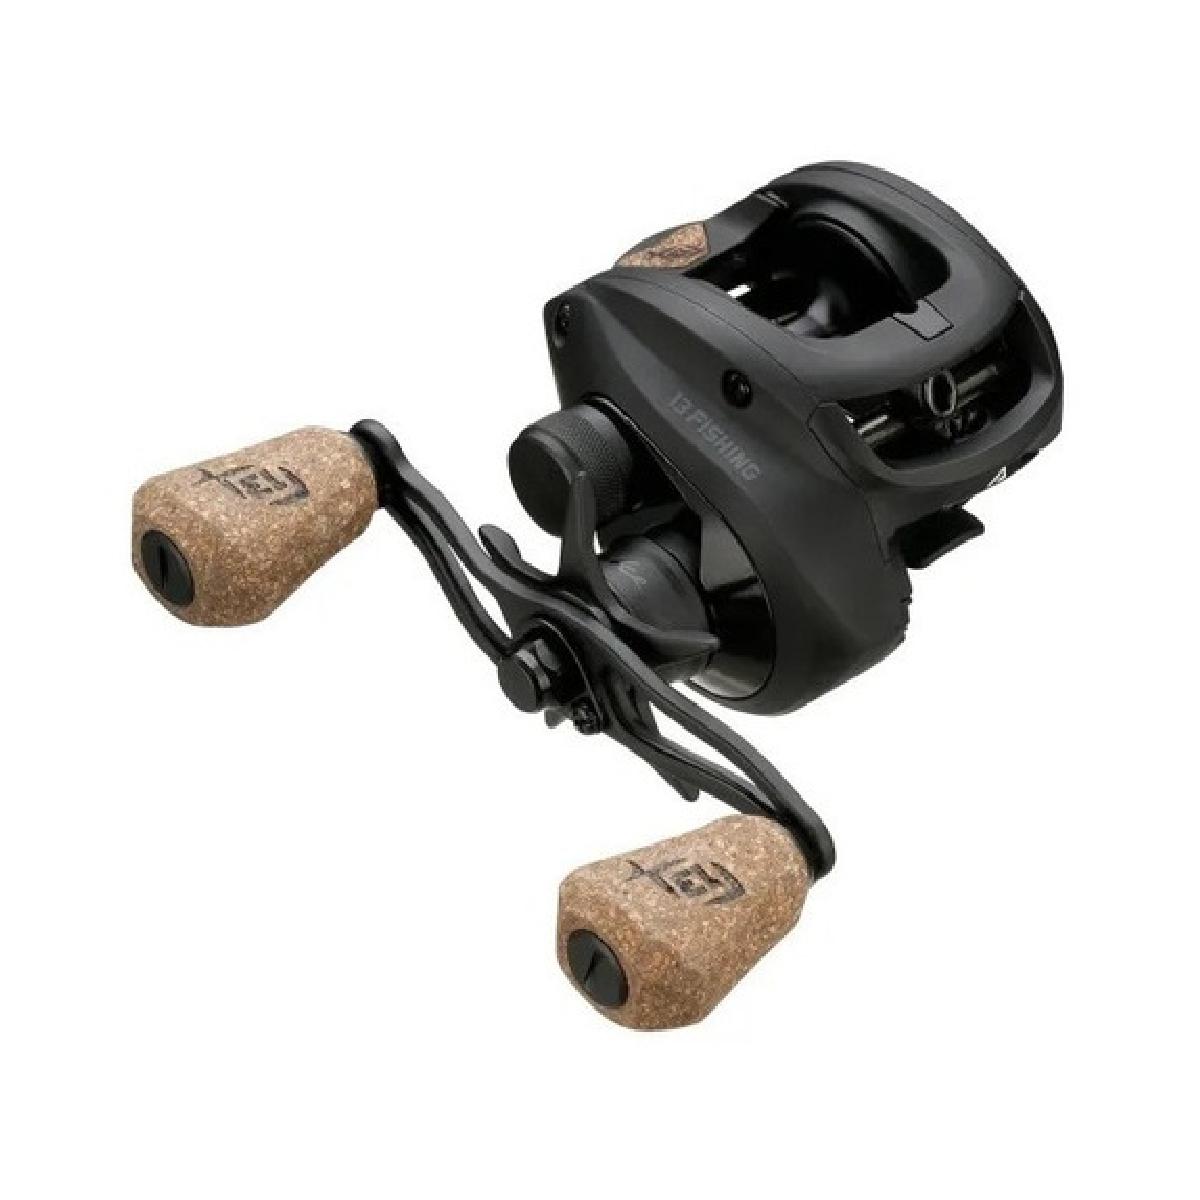 Carretilha 13 Fishing Concept A2 Rec. 8.3:1 Drag 11Kg